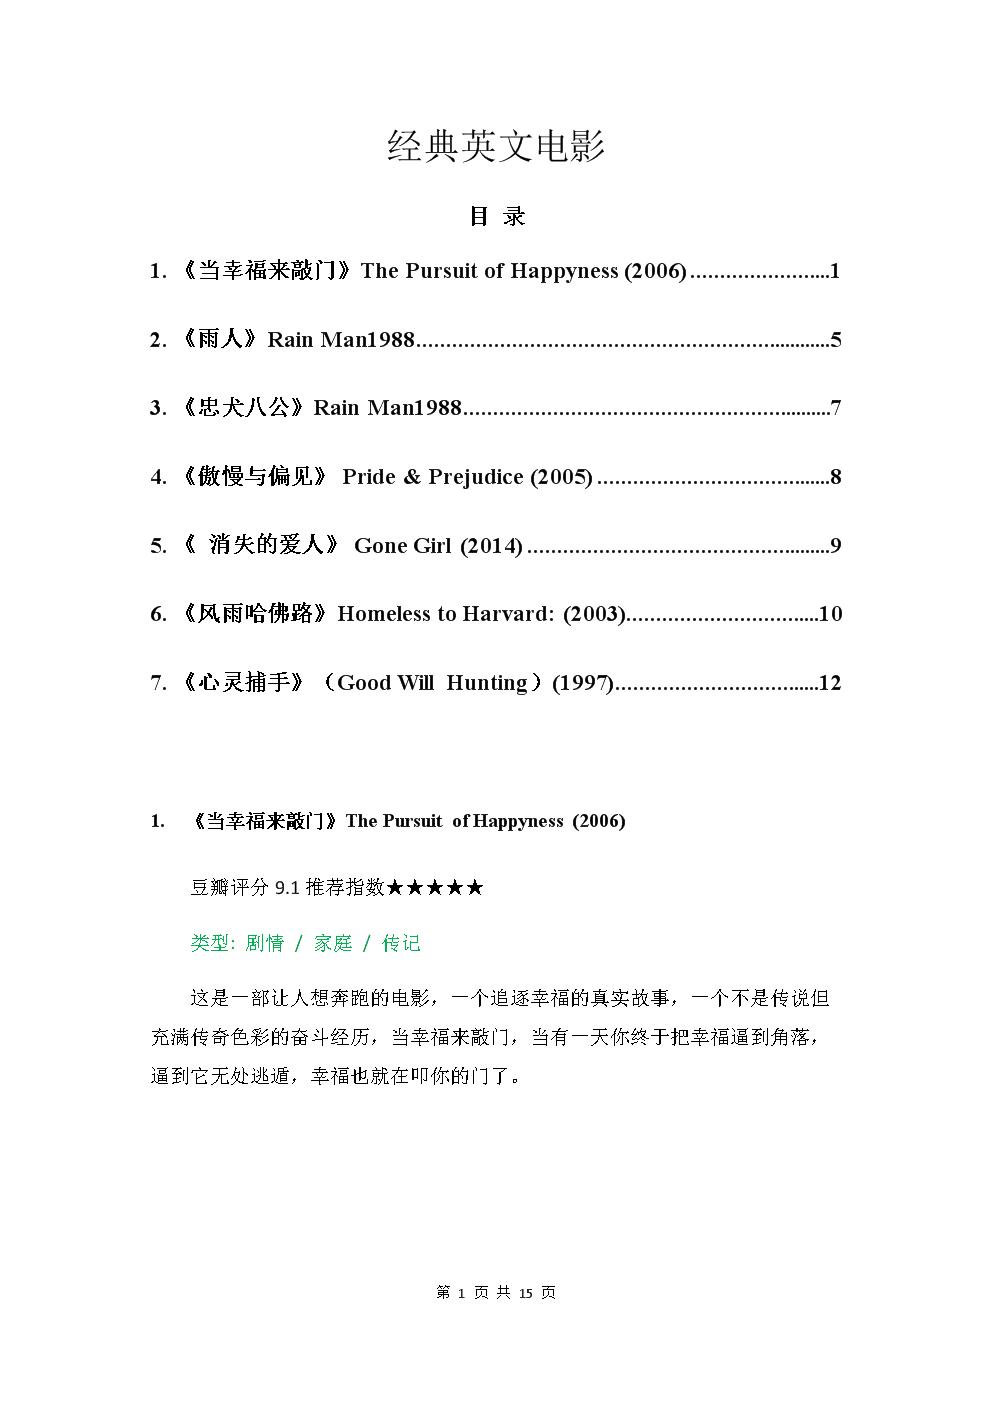 经典英文电影.docx